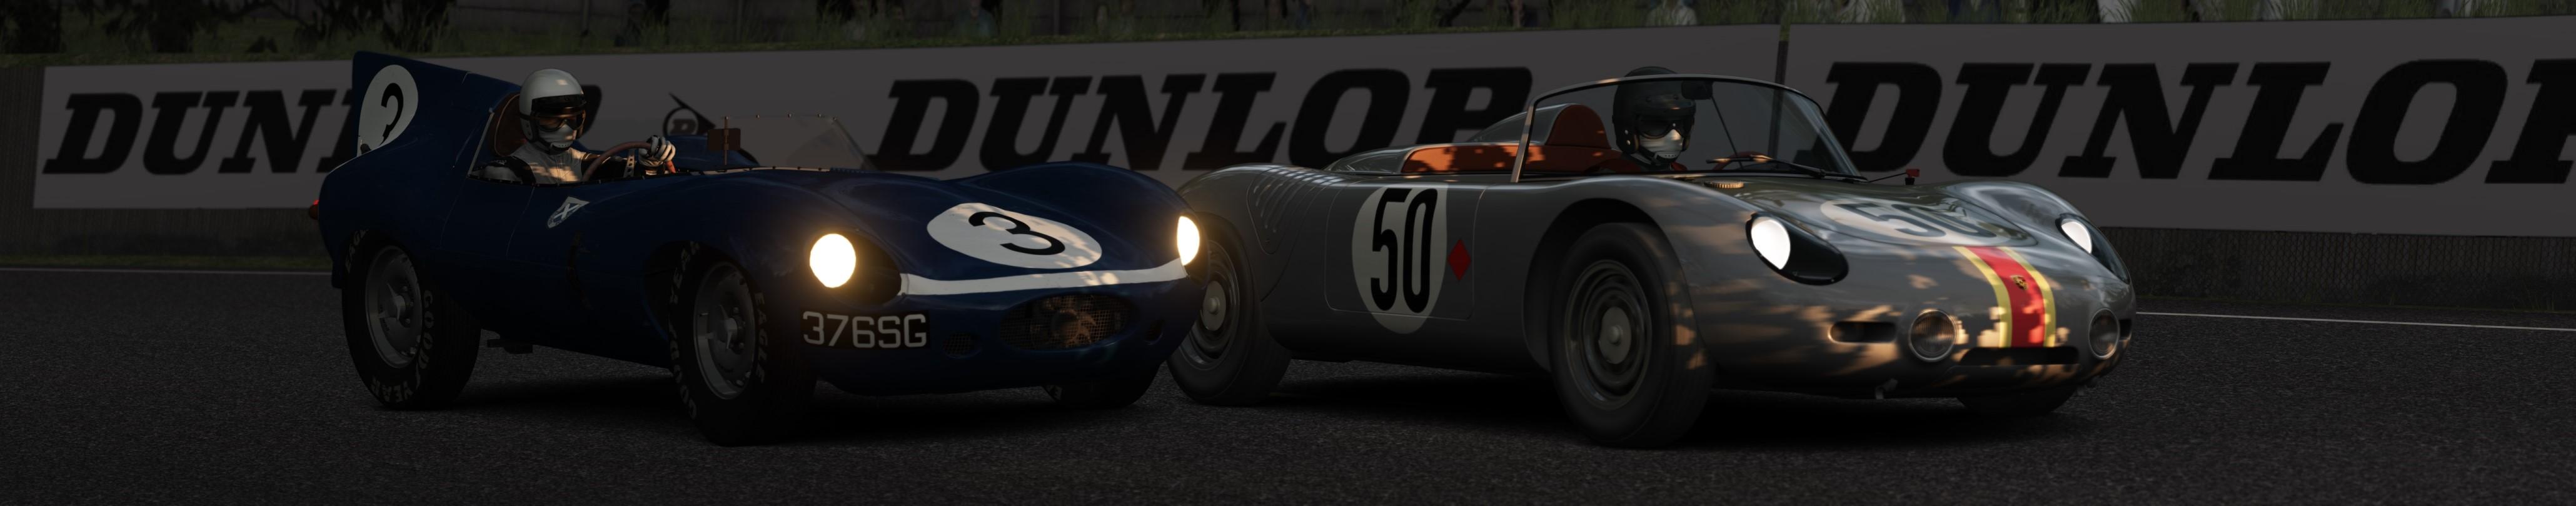 Screenshot_jaguardtype_le_grand_circuit_1967_29-3-119-15-59-33.jpg